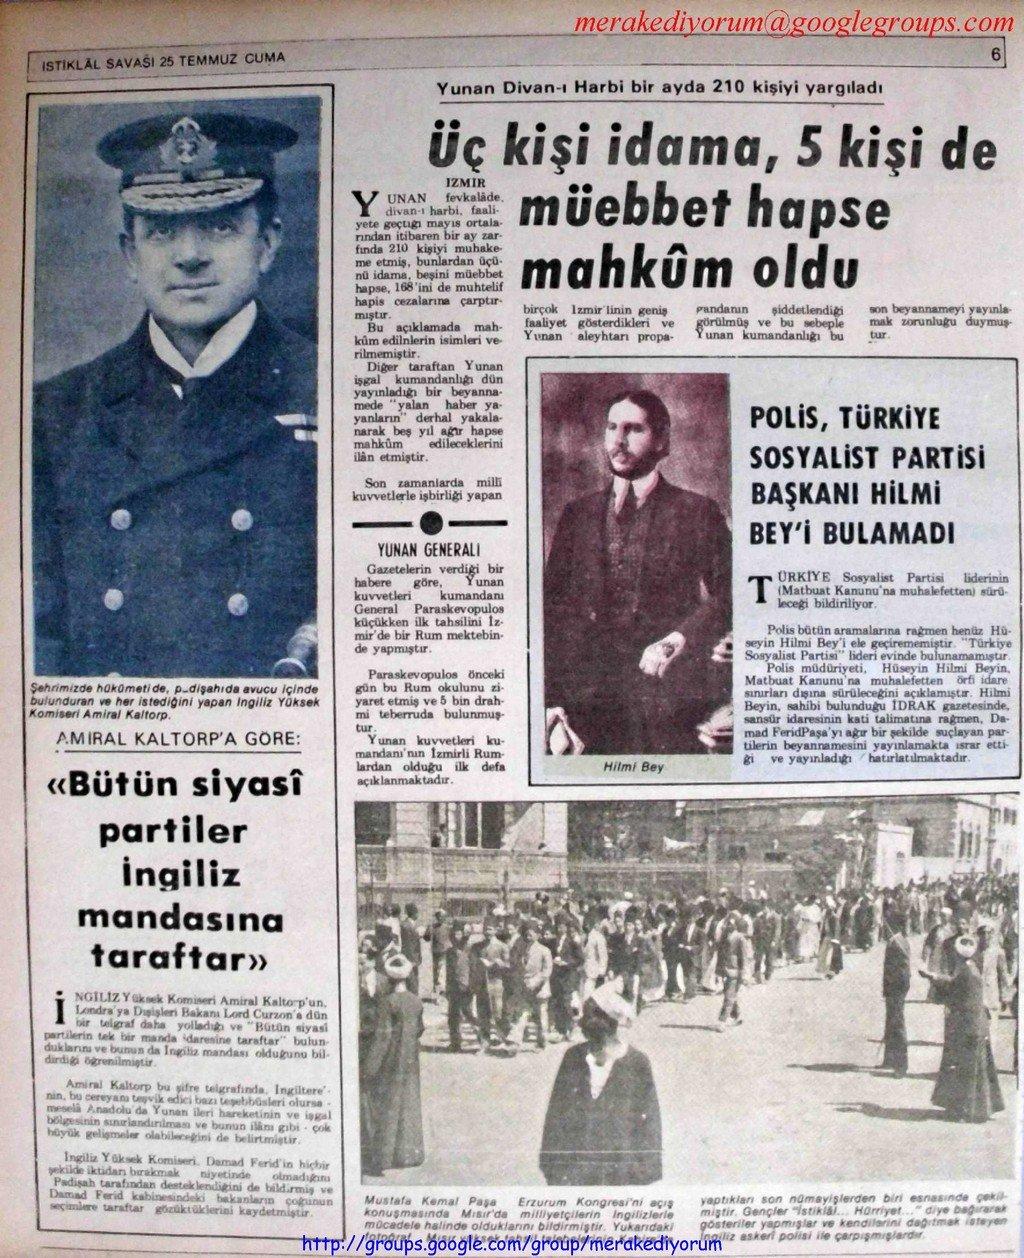 istiklal savaşı gazetesi - 25 temmuz 1919